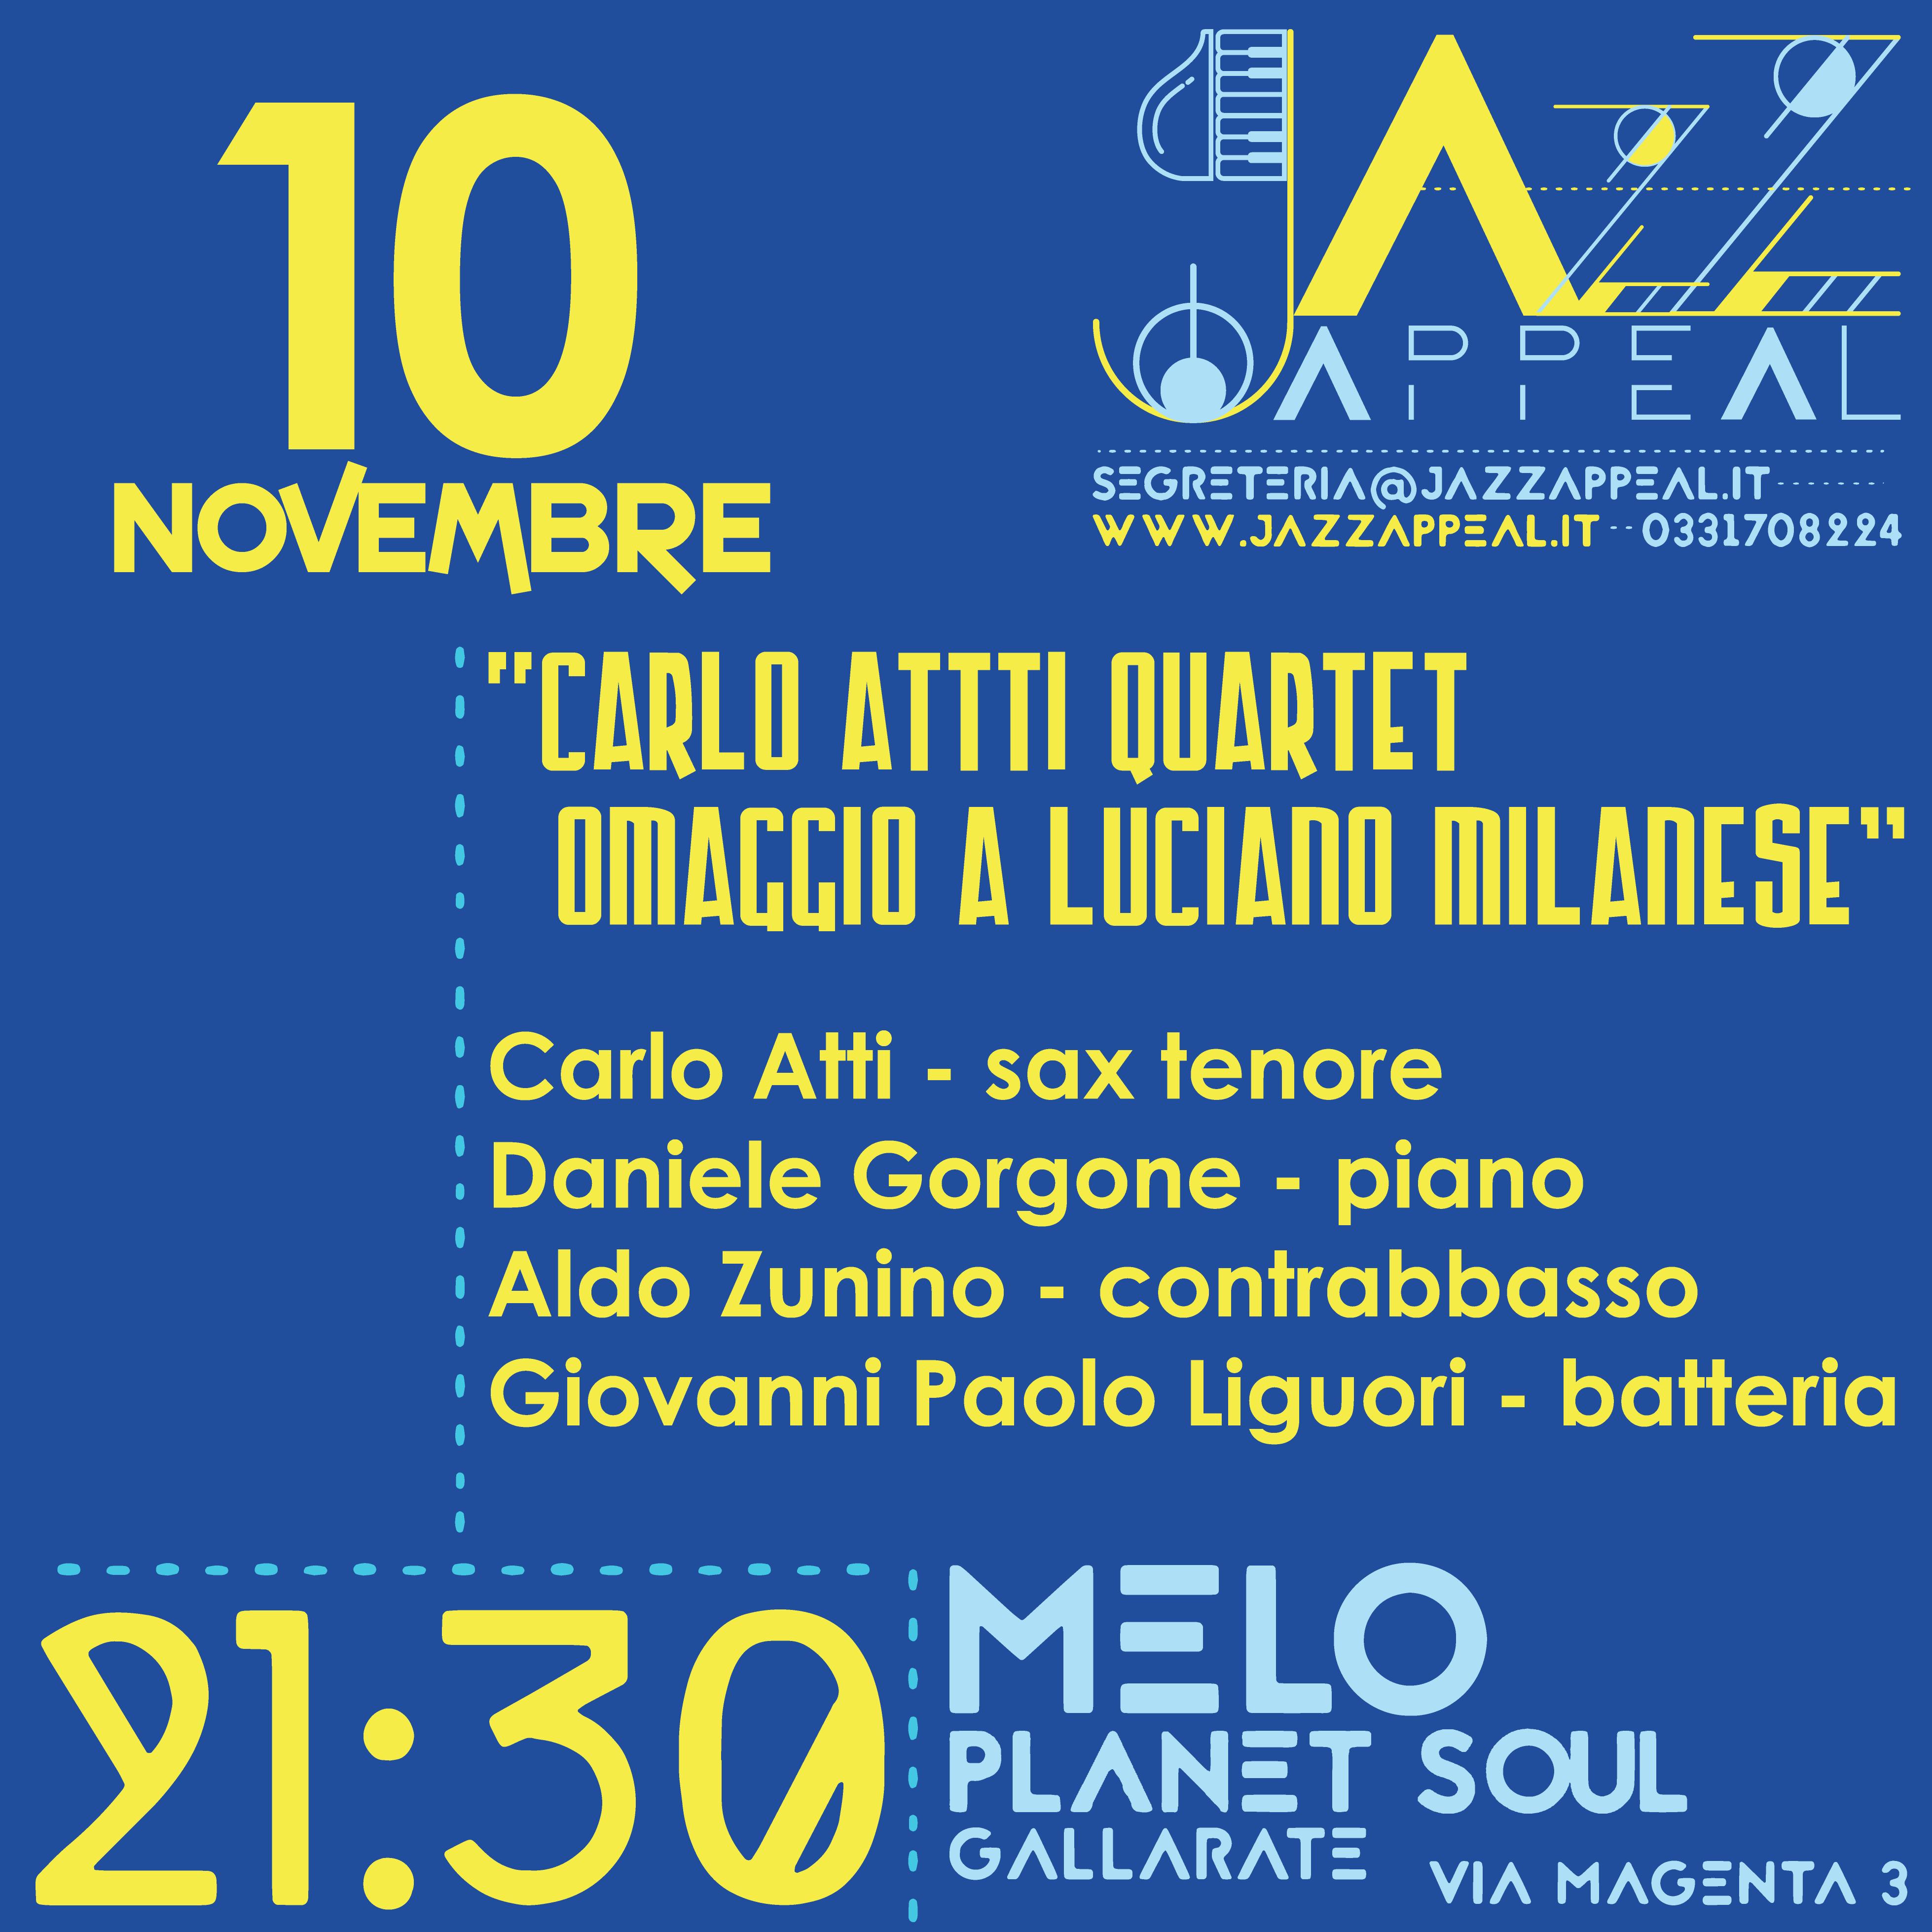 Carlo Atti Quartet - omaggio a Luciano Milanese